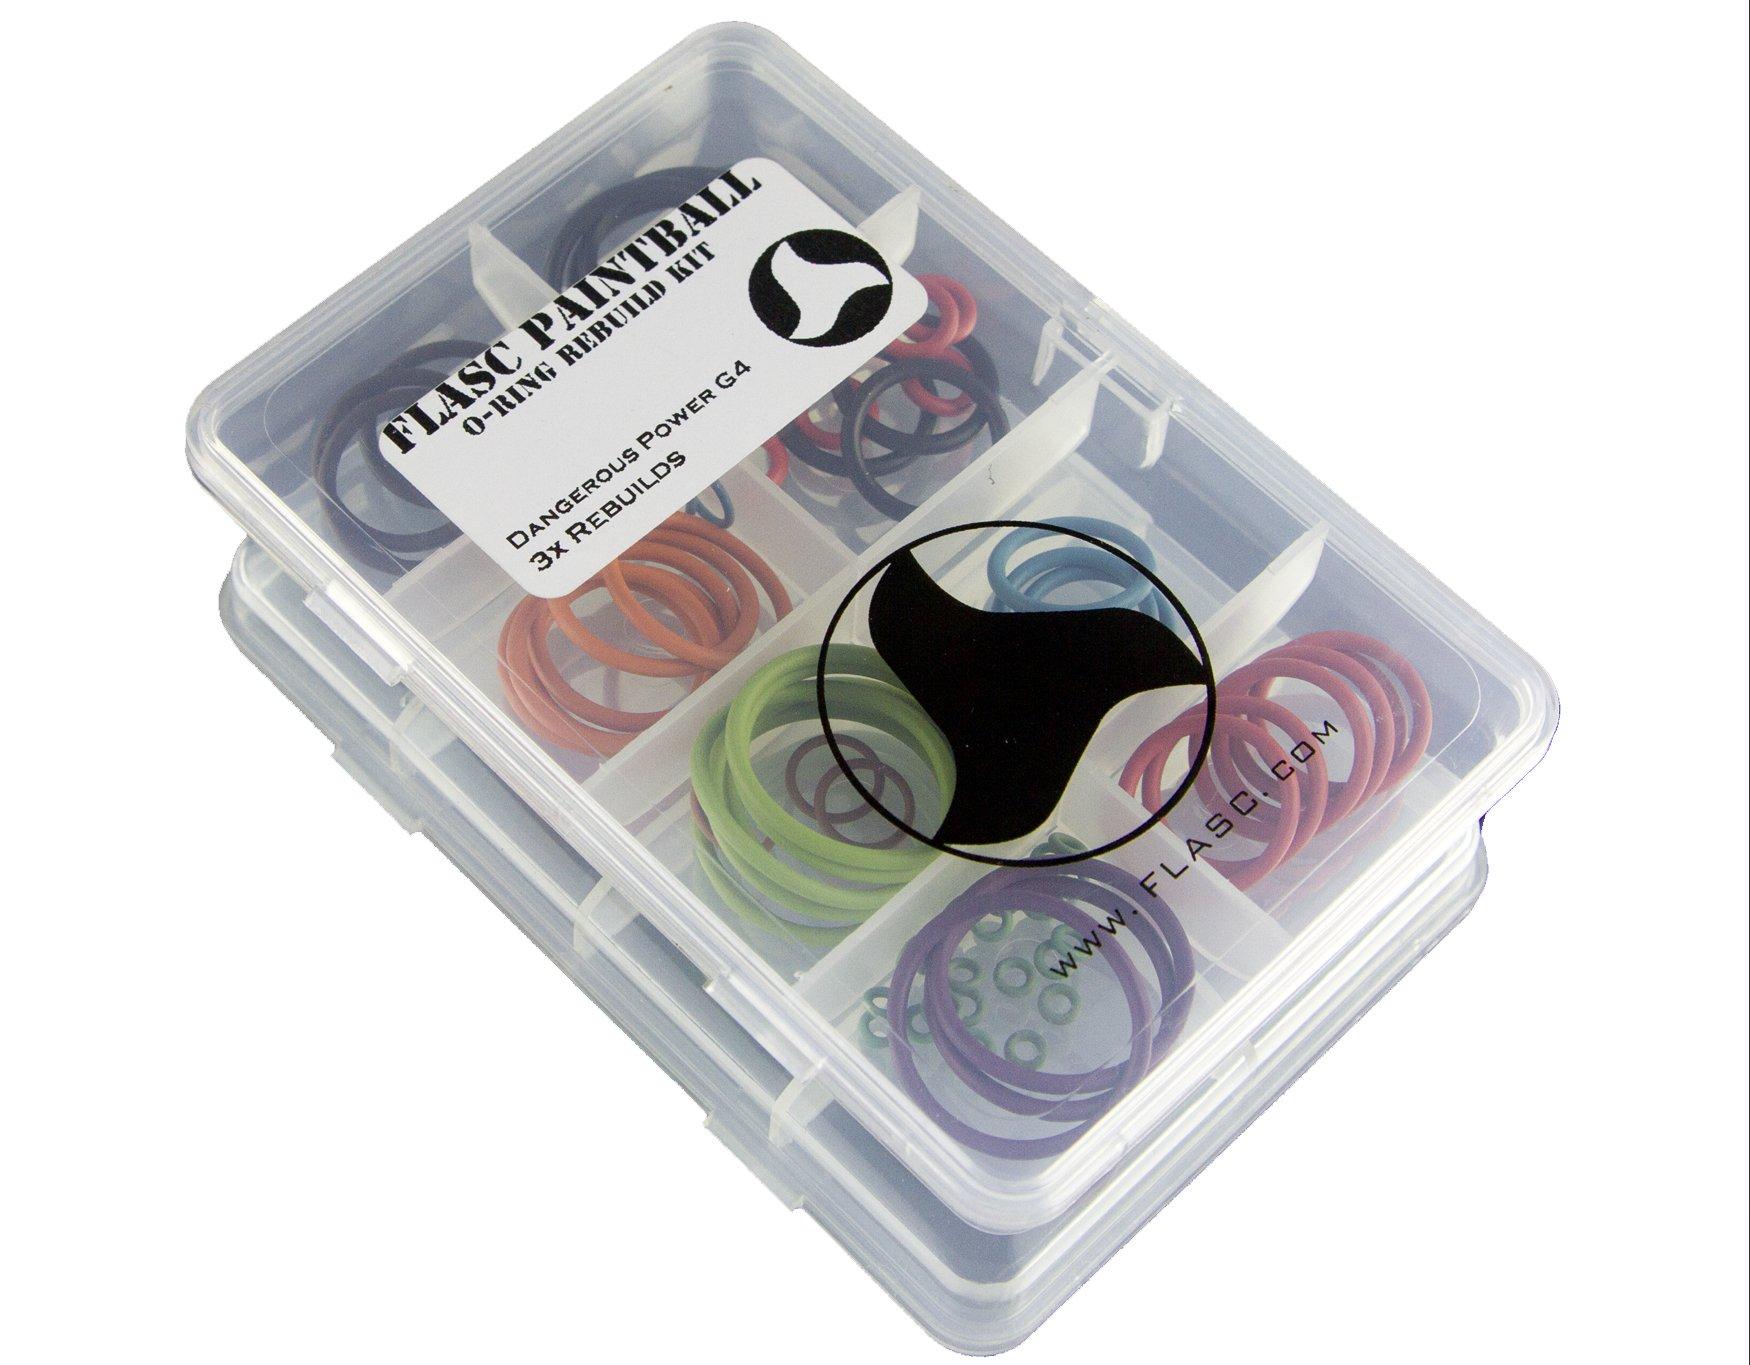 Flasc Paintball Dangerous Power G4 3X Color Coded Paintball o-Ring Rebuild kit by Flasc Paintball